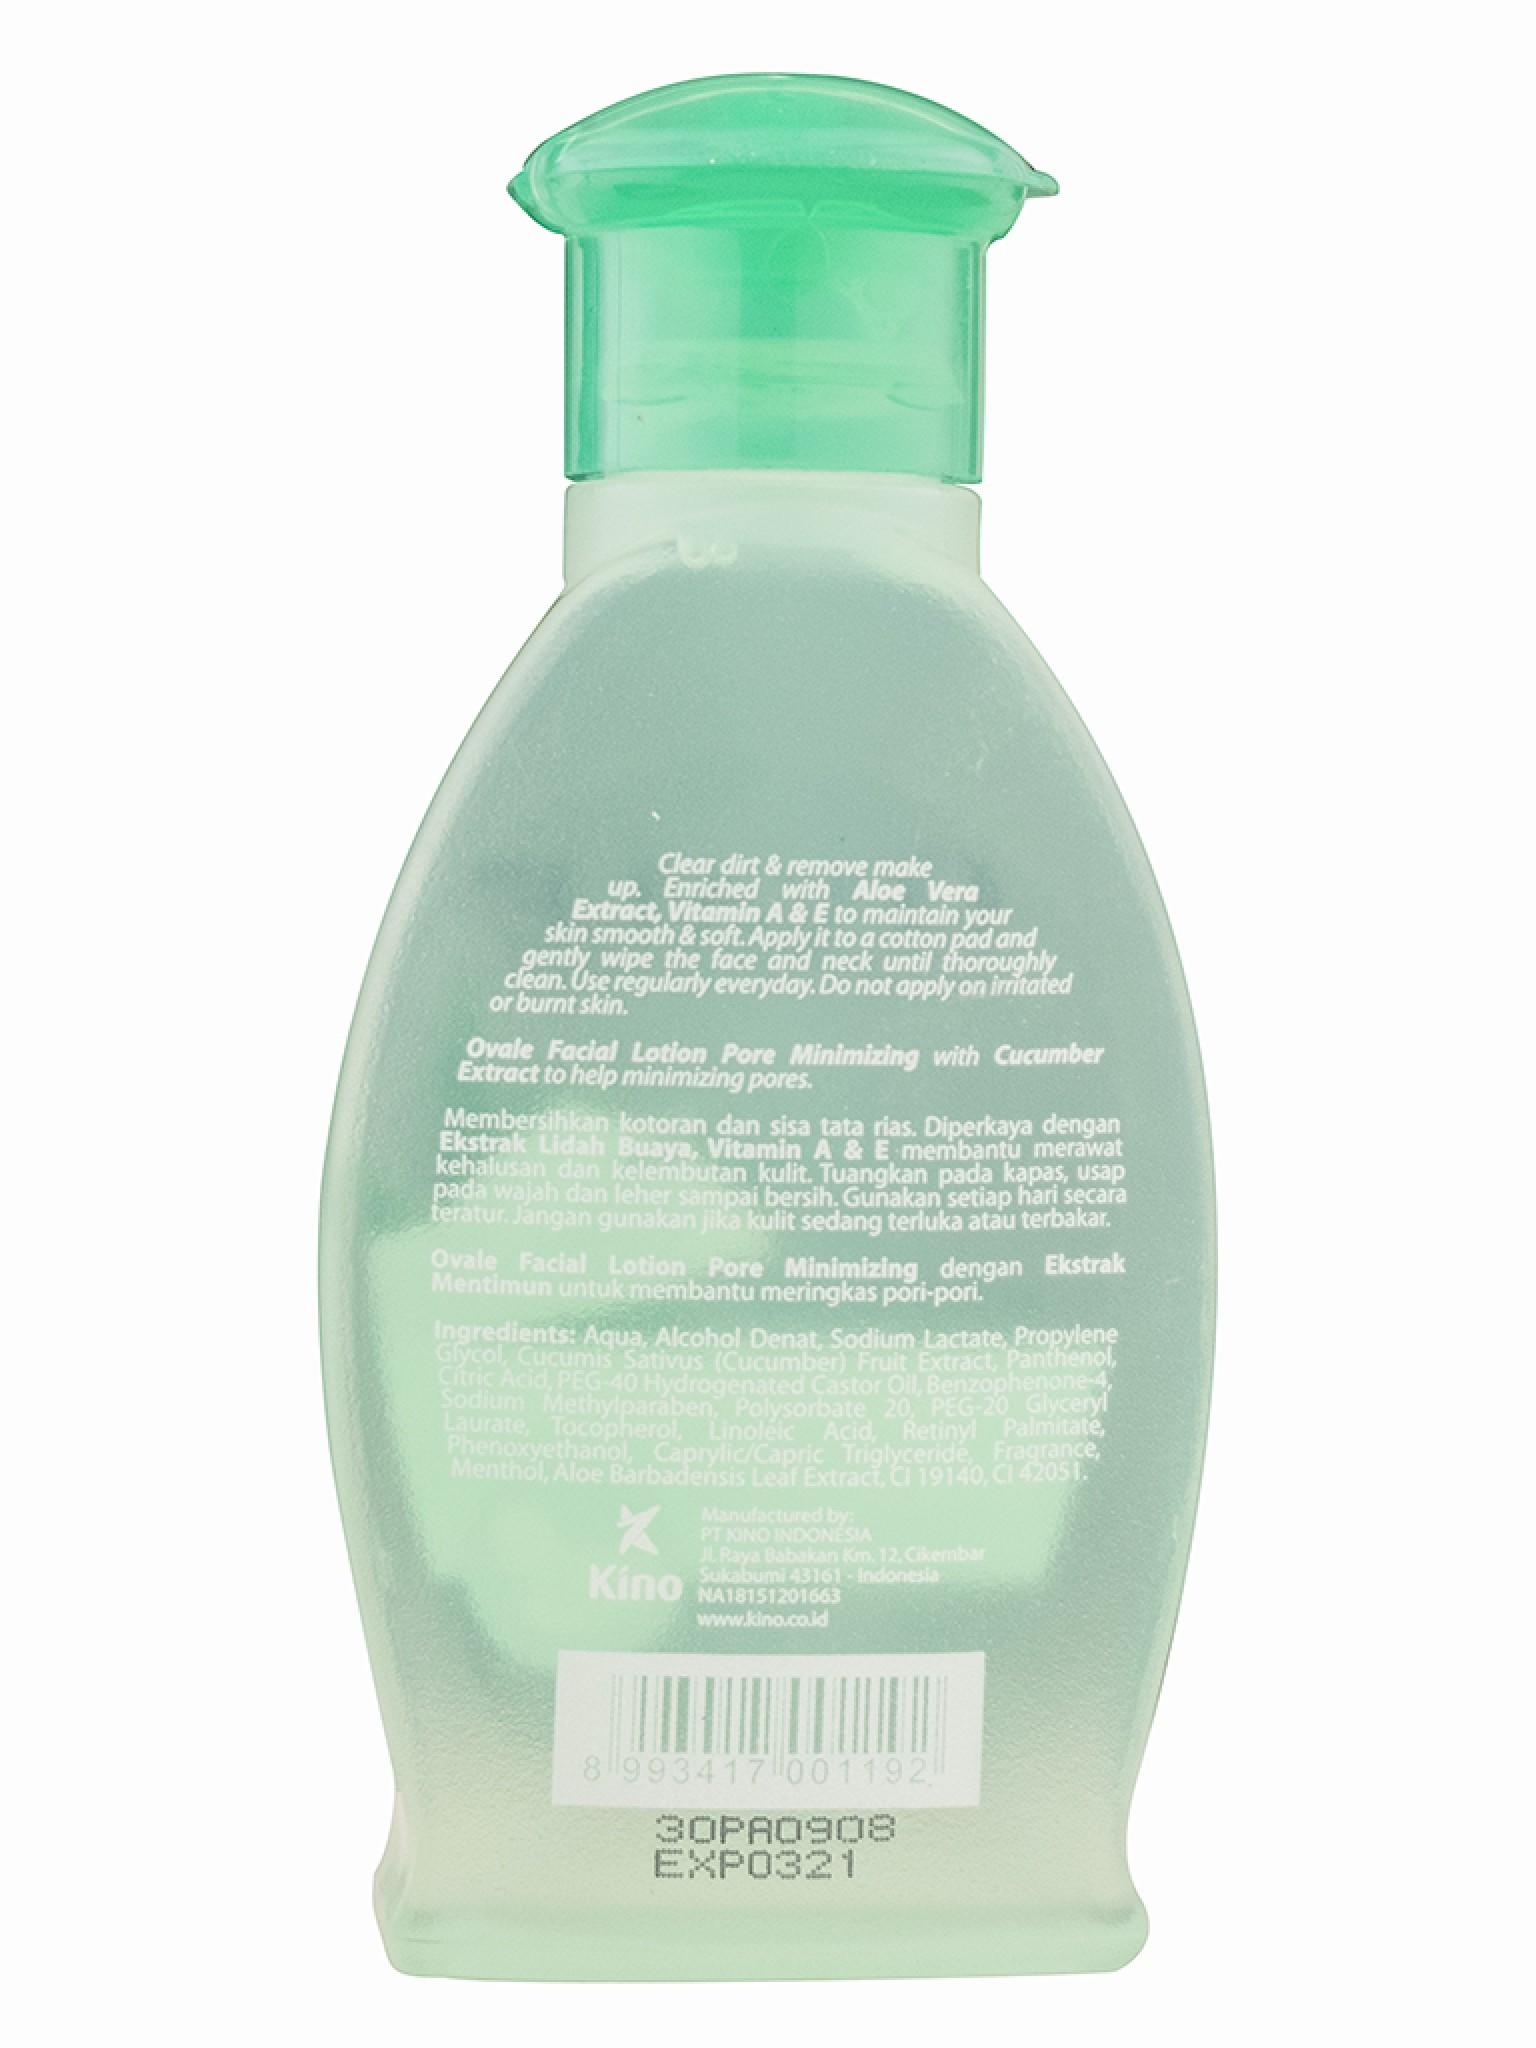 Лосьон для сужения пор на лице, очищение кожи от загрязнения и остатков макияжа